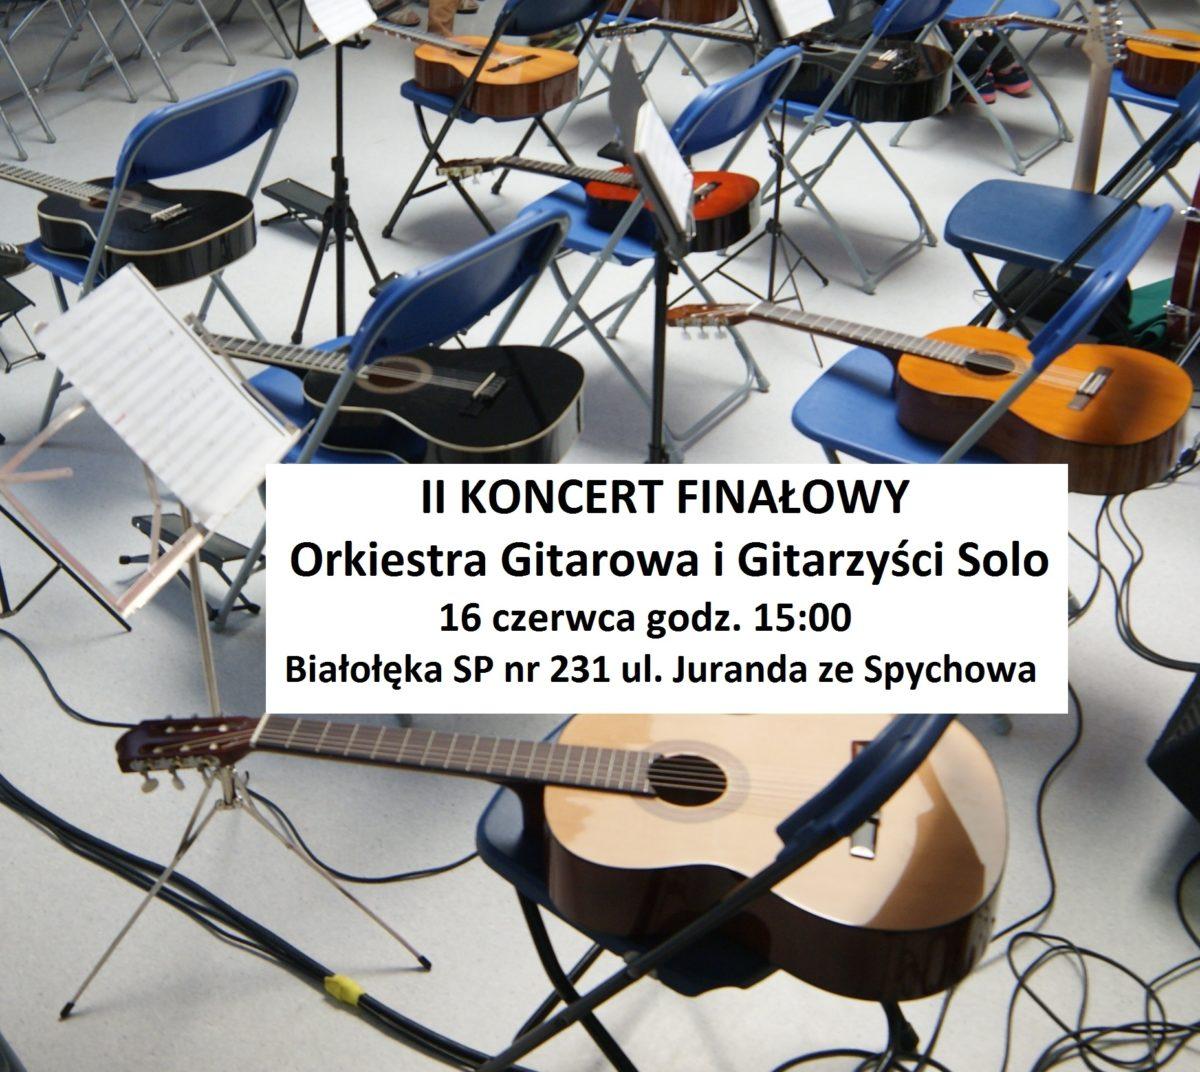 II Koncert Finałowy 16.06. godz.15:00